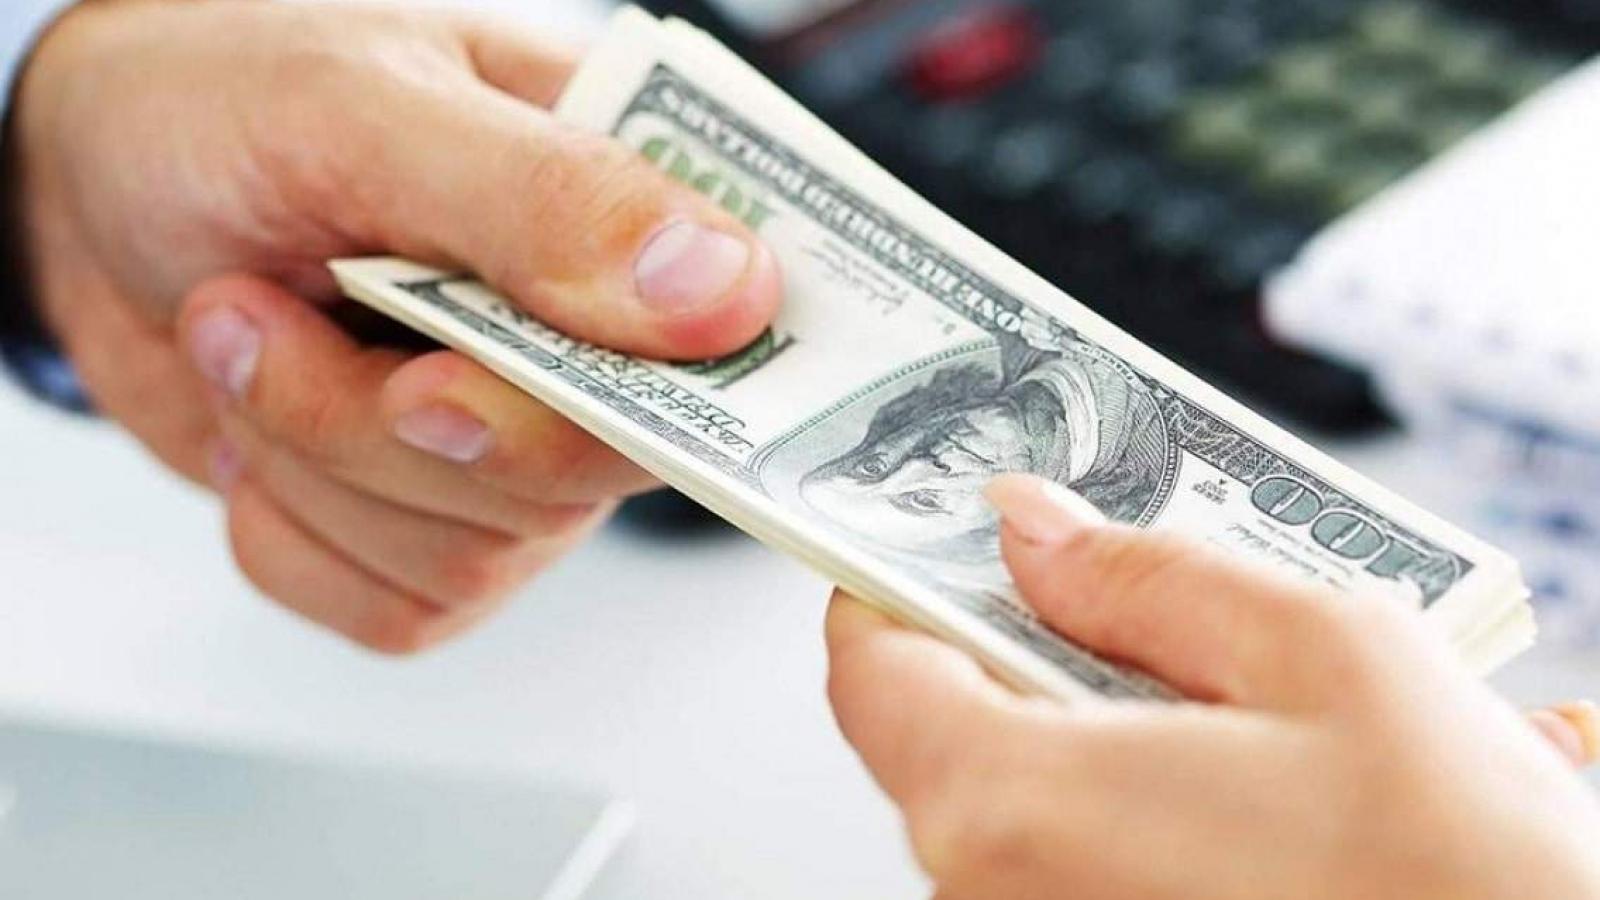 Hơn 50% doanh nghiệp phải trả chi phí không chính thức